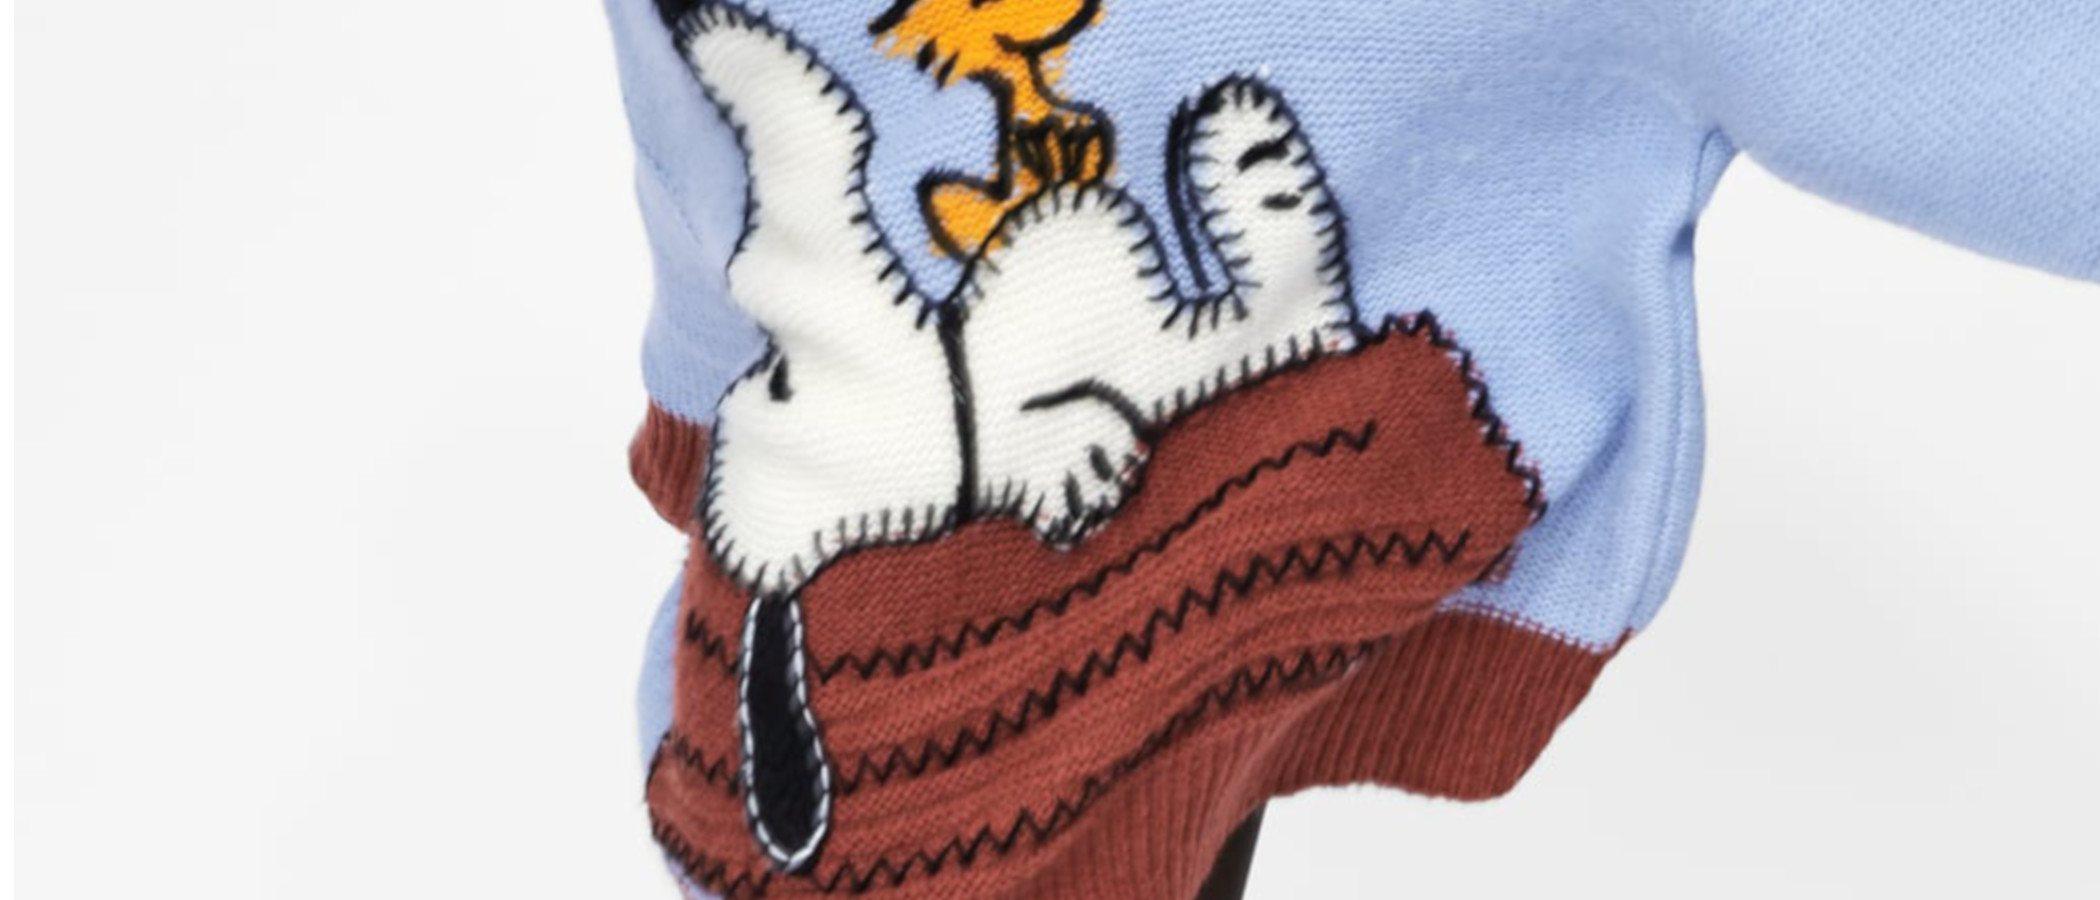 Snoopy protagoniza la colección más nostálgica de Zara